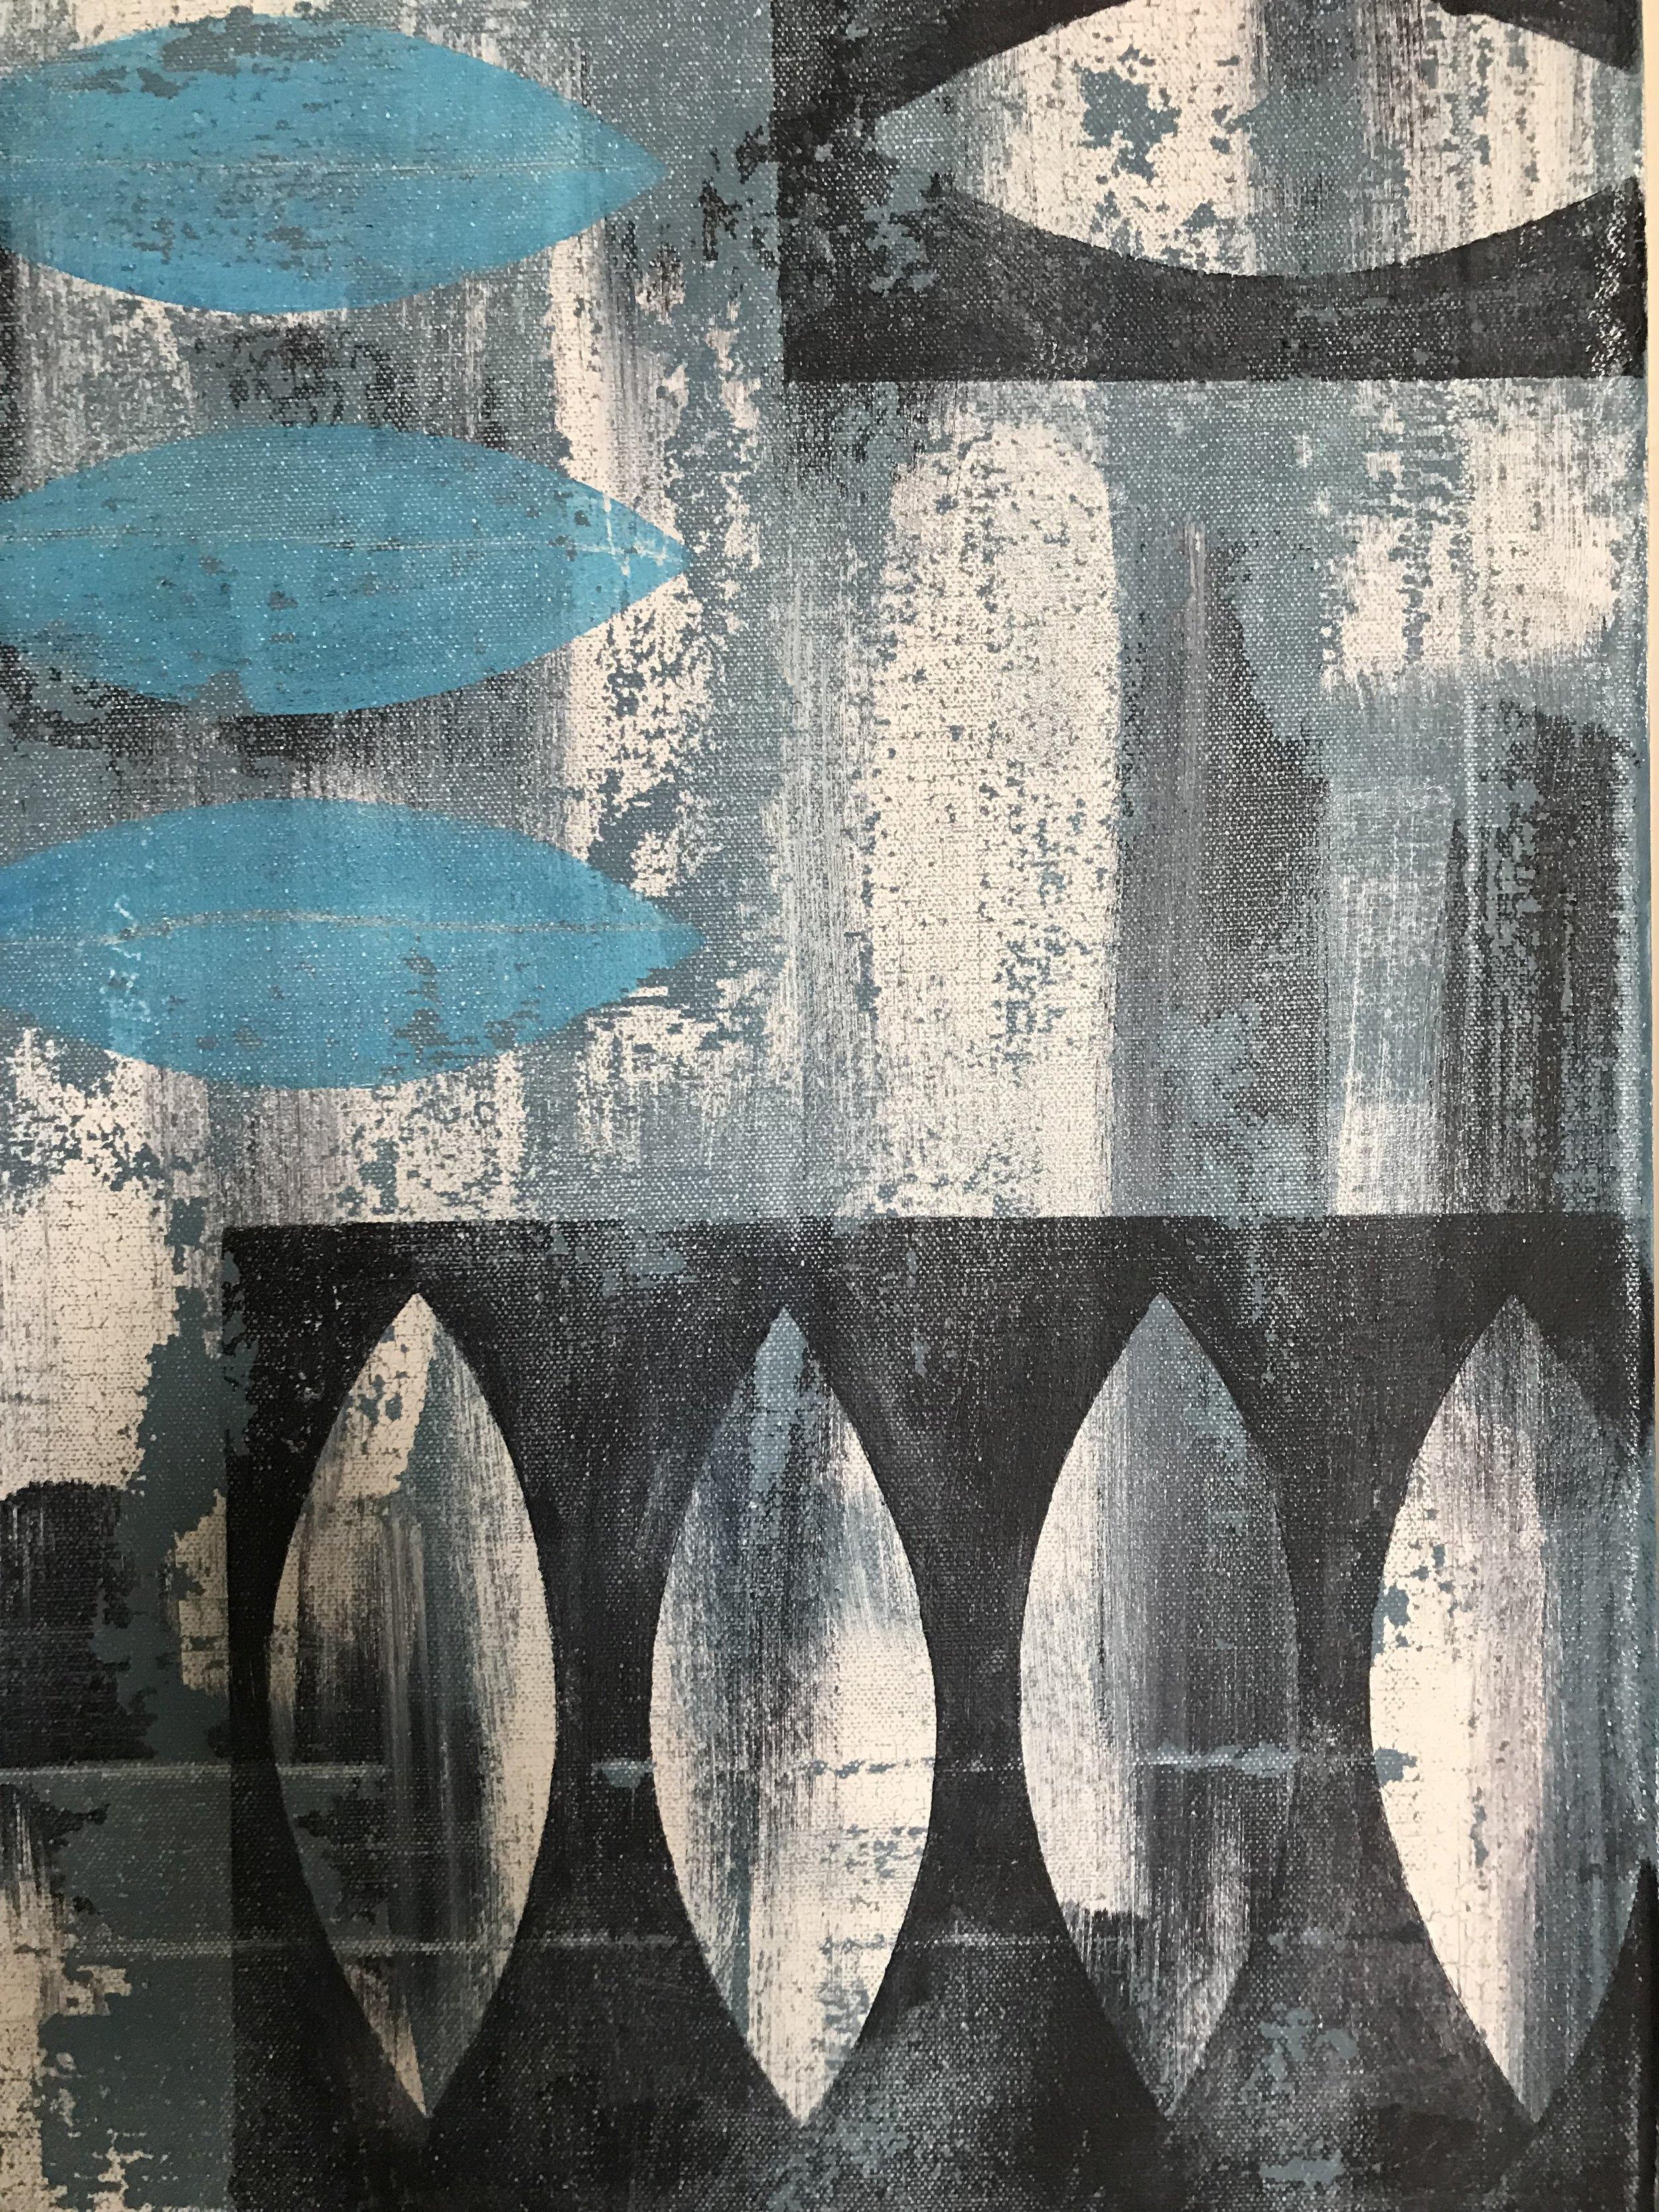 Acrylic on canvas - Cardiff apartments